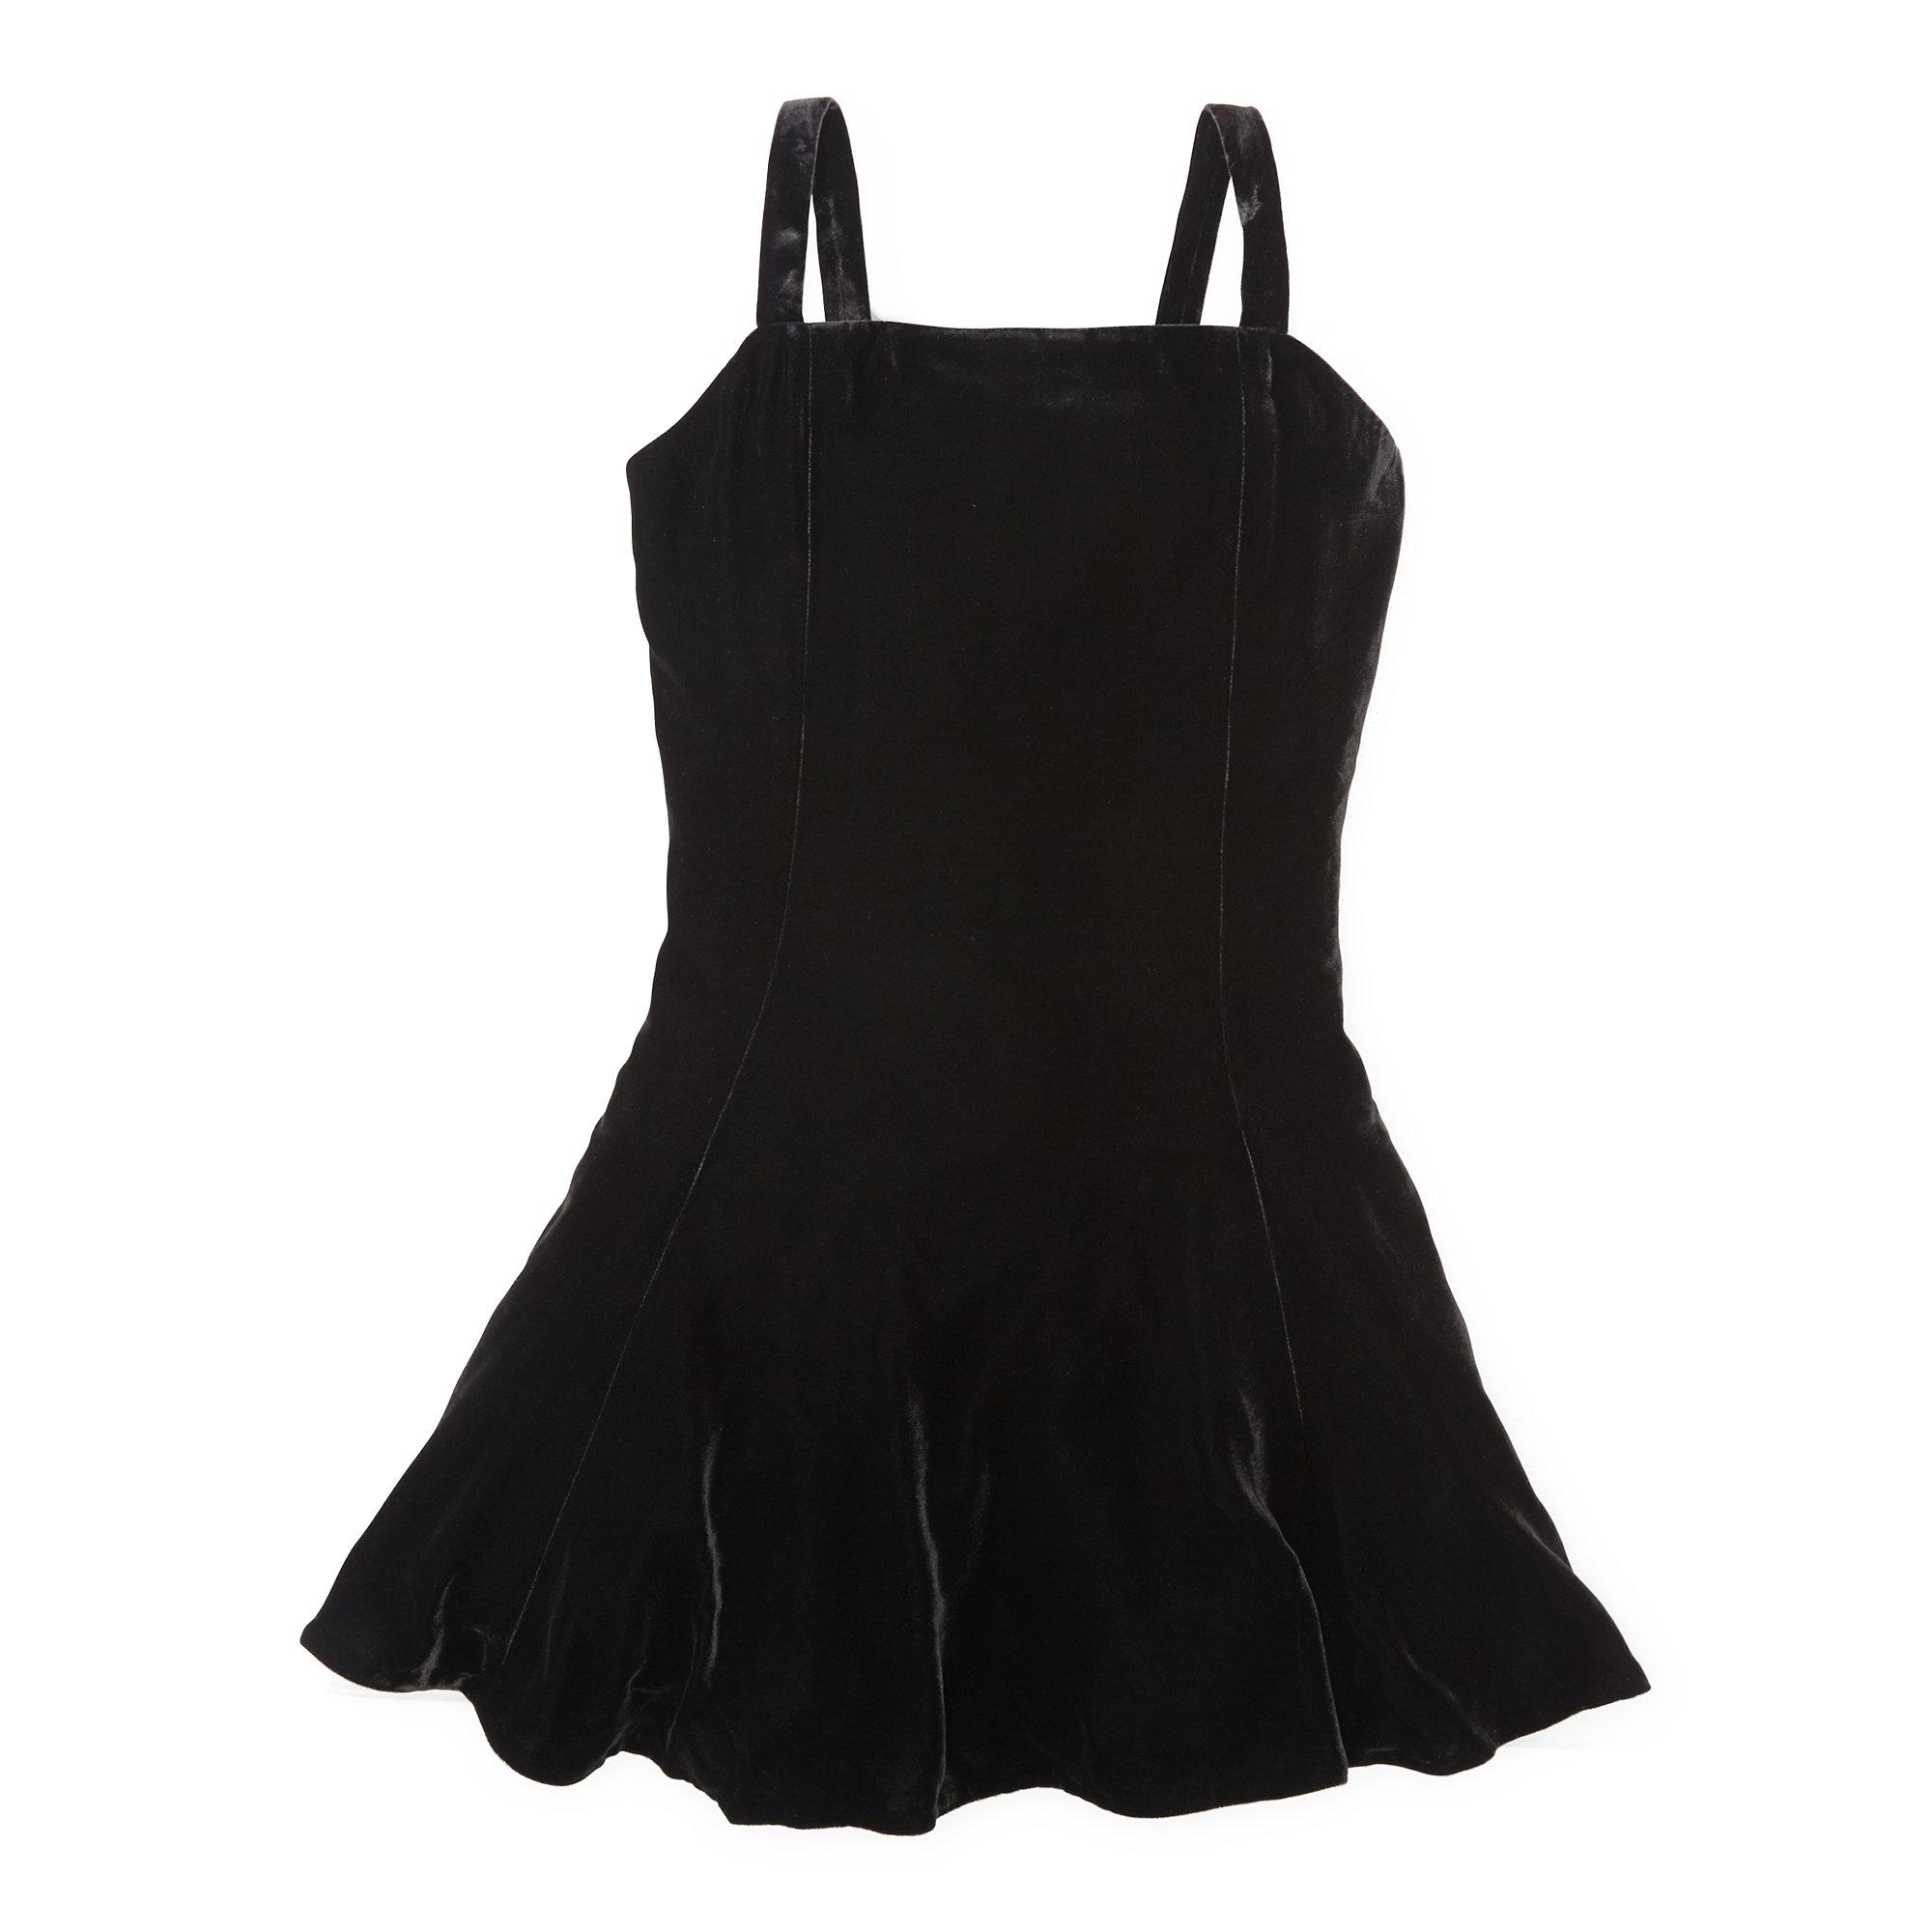 Polo ralph lauren velvet flared dress